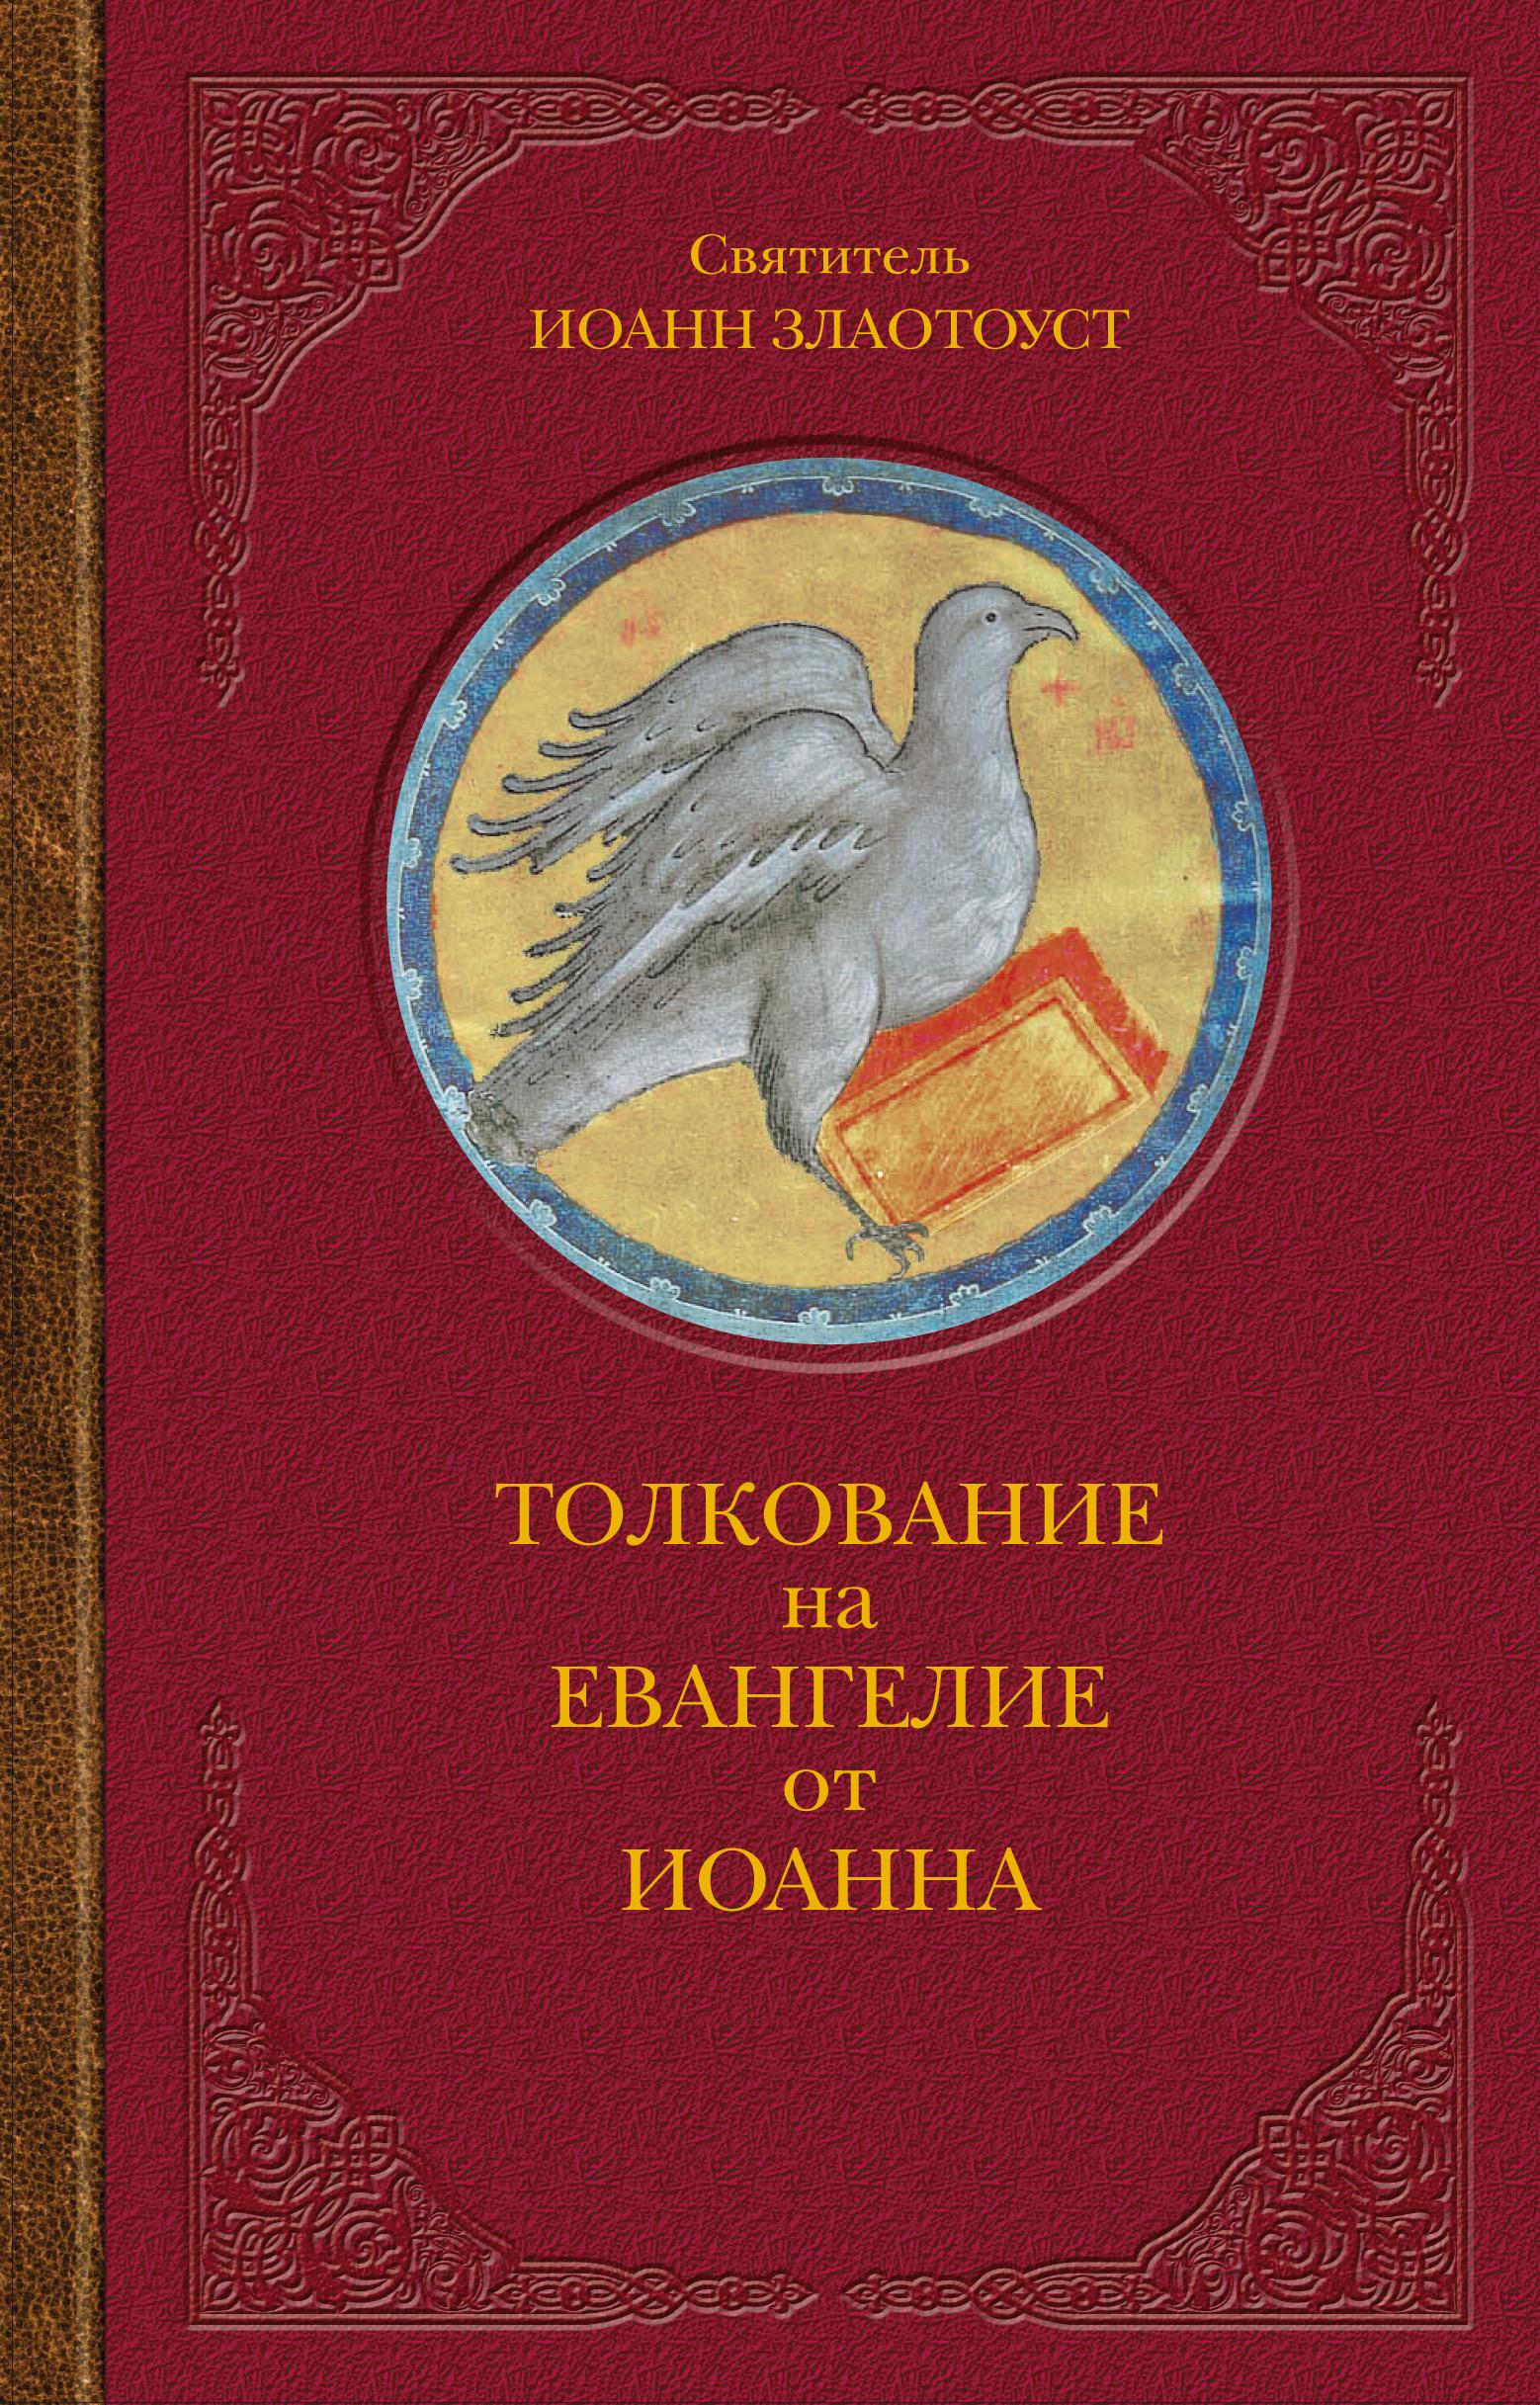 Святитель Иоанн Златоуст Толкование на Евангелие от Иоанна святитель иоанн златоуст полное собрание творений